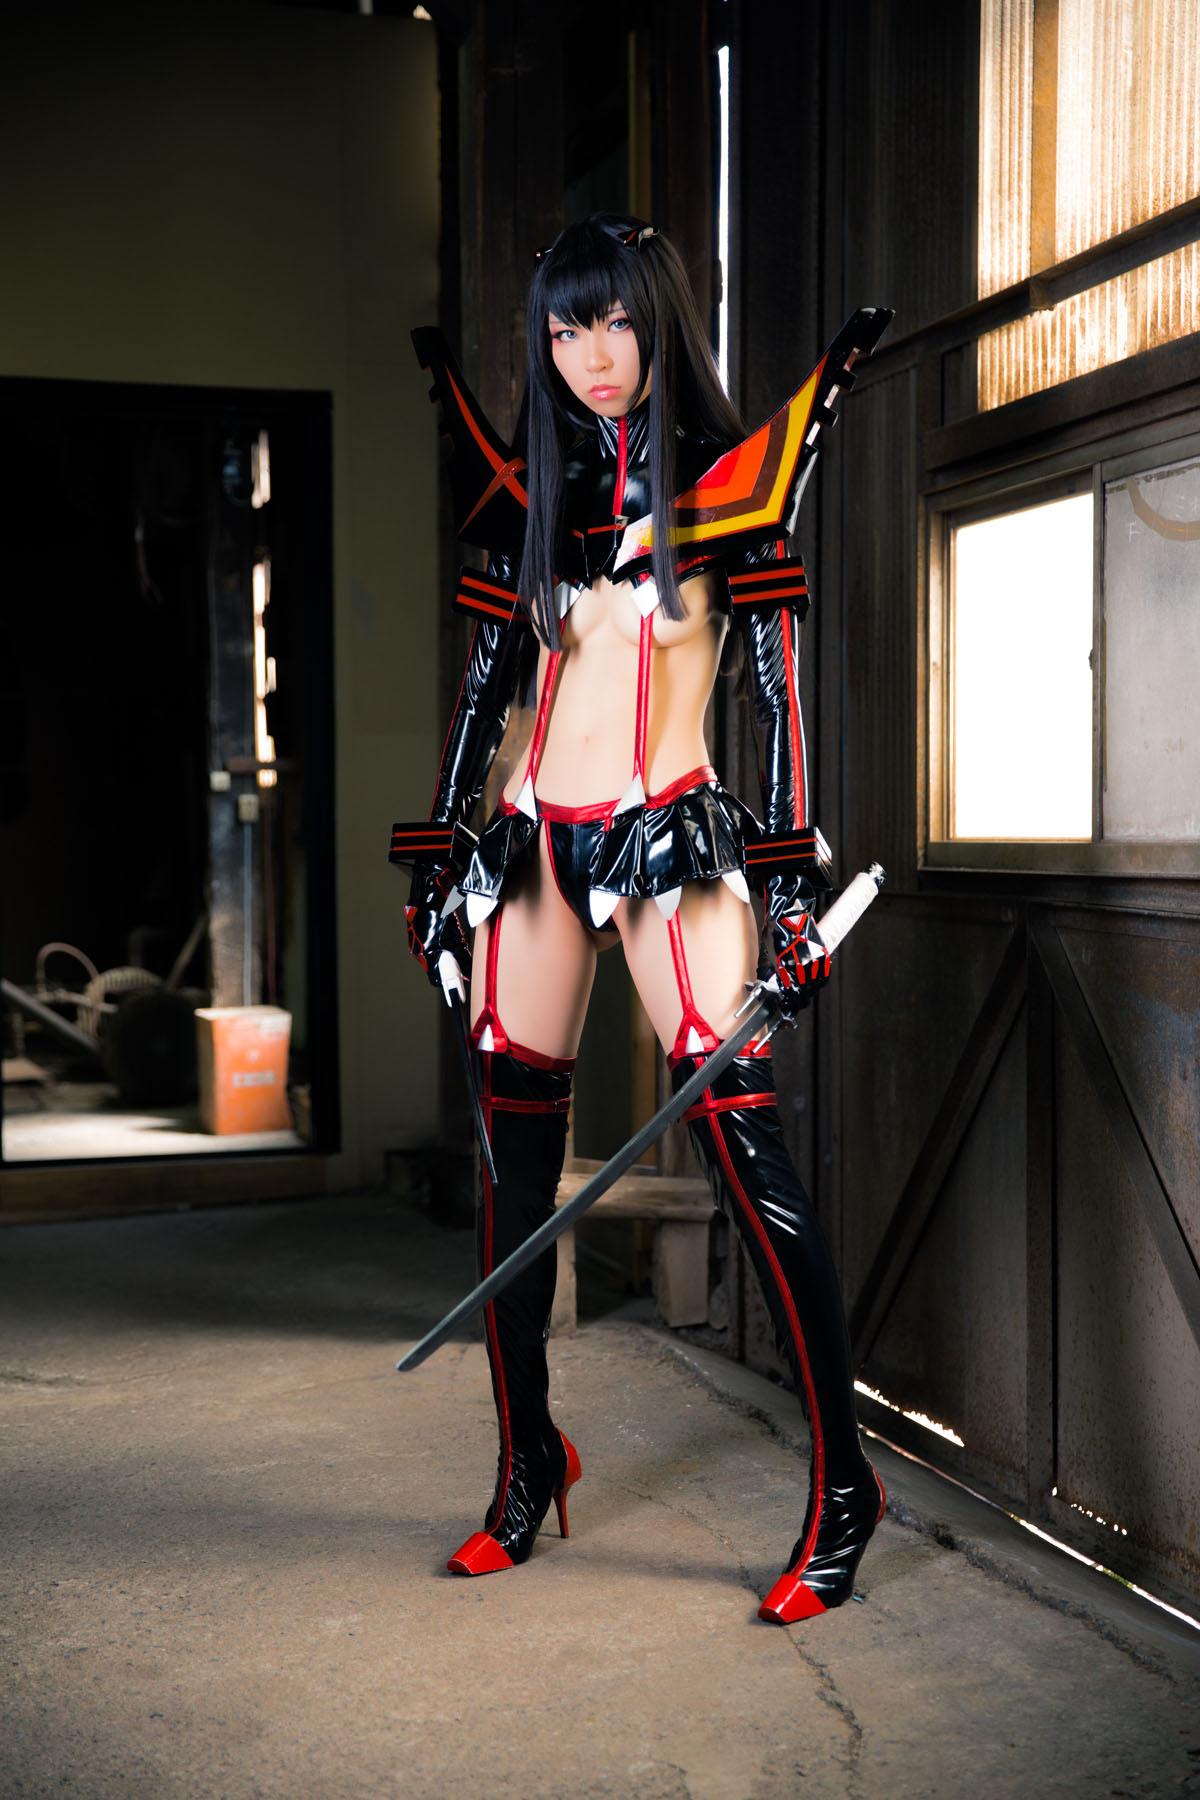 Kill la Kill Satsuki Kiryuuin anime cosplay by Mikehouse 0001